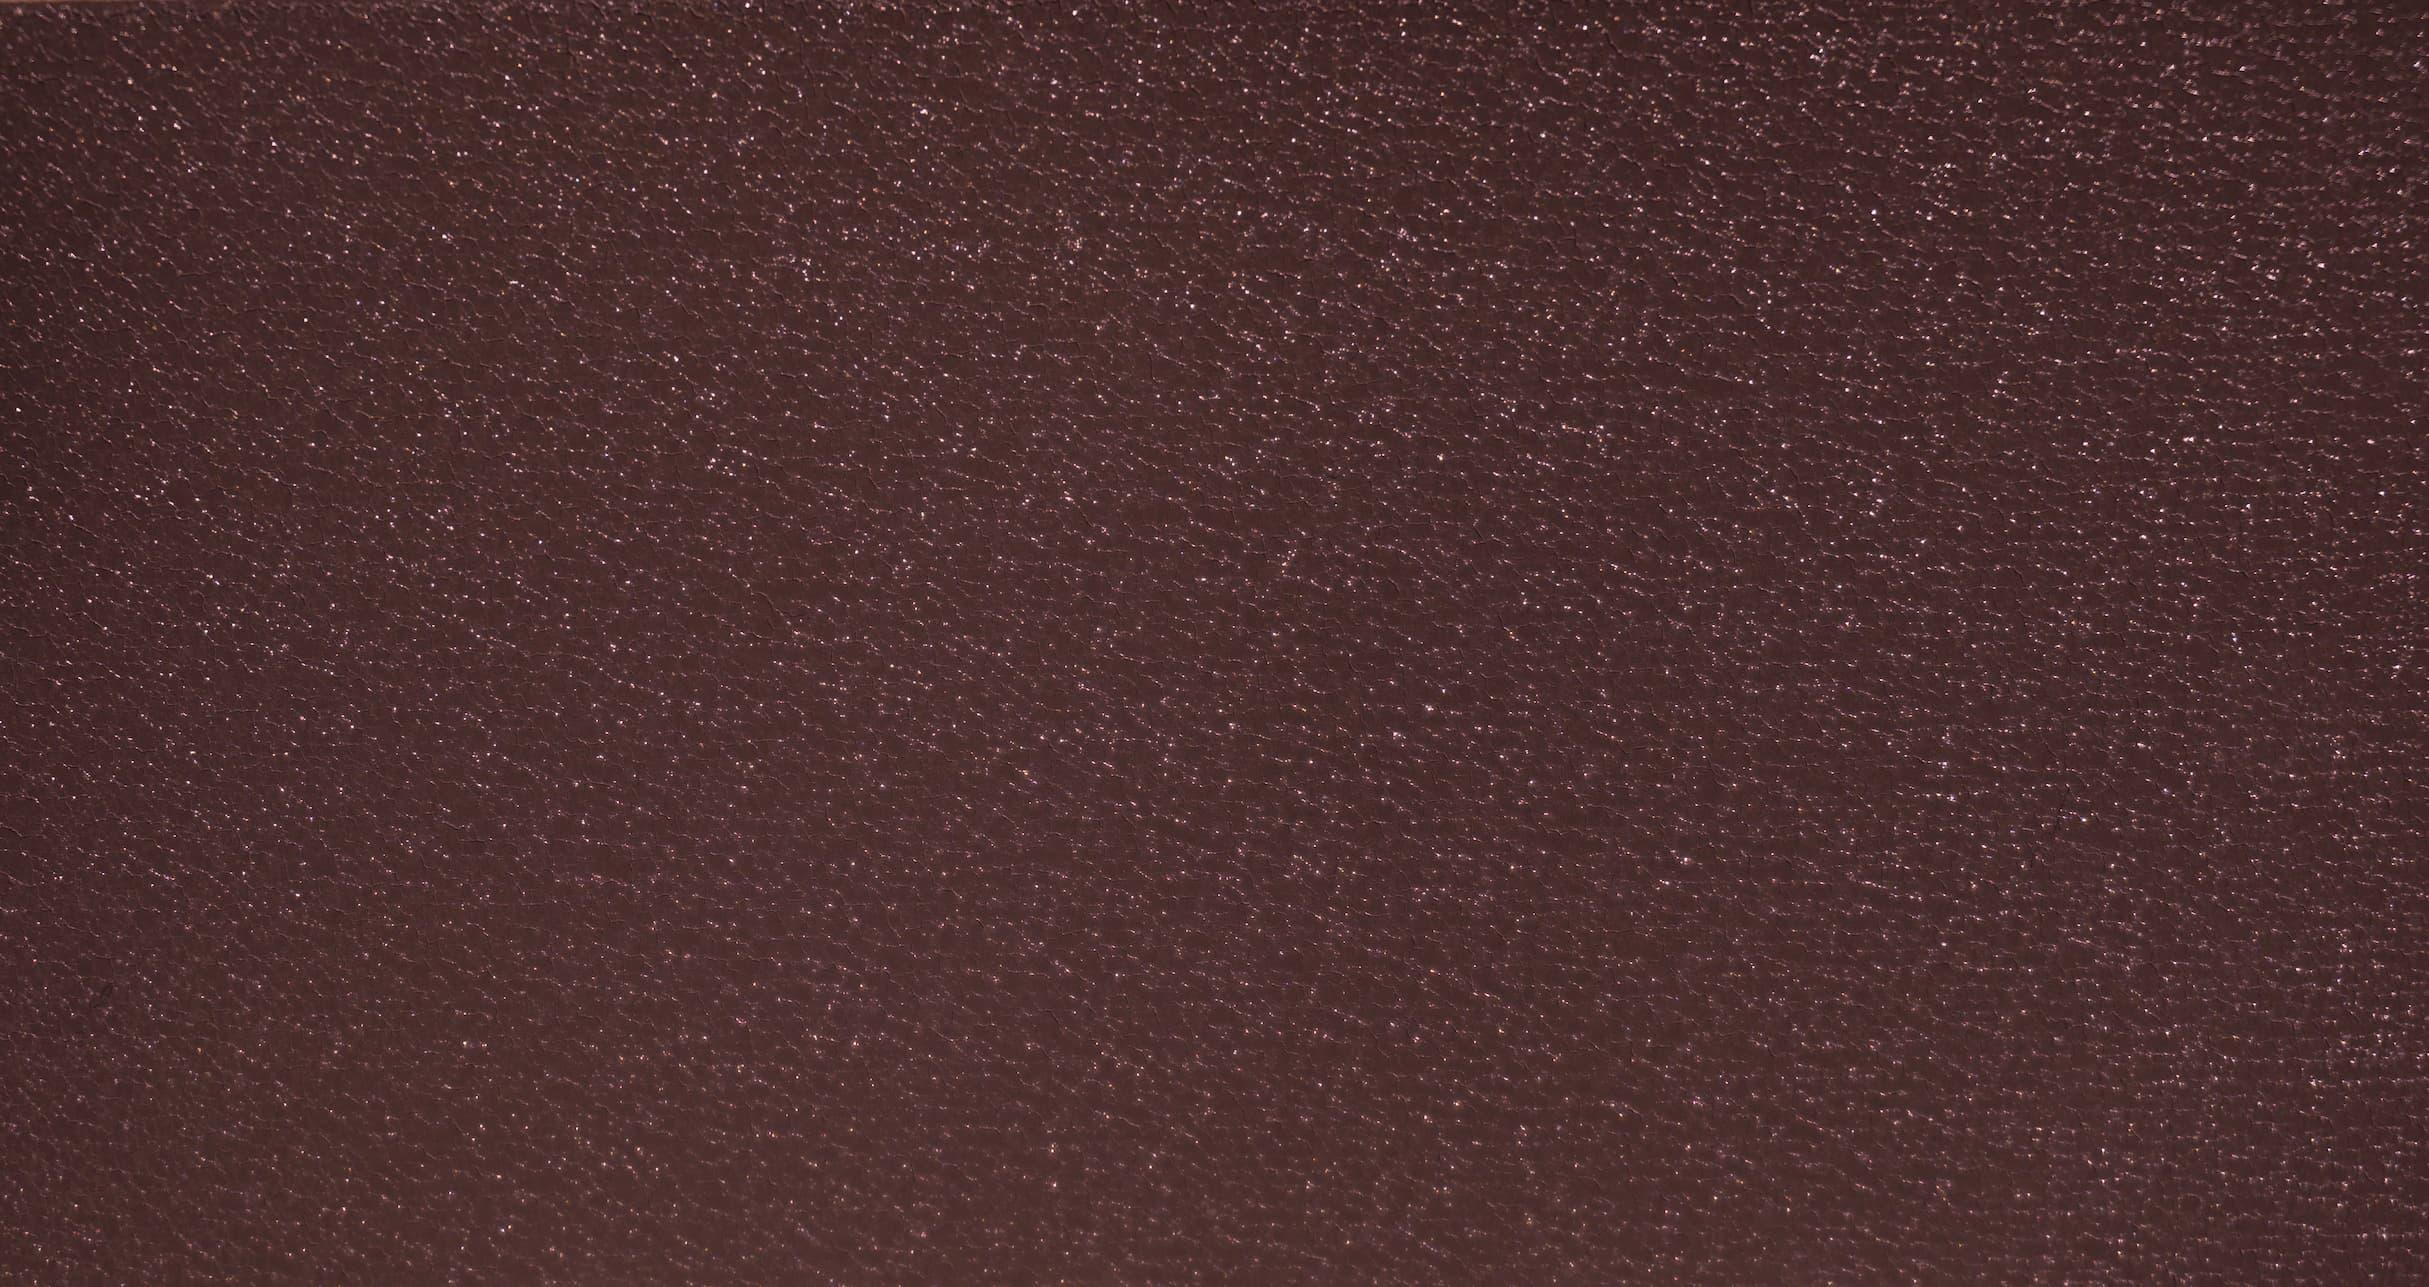 Textured burgundy